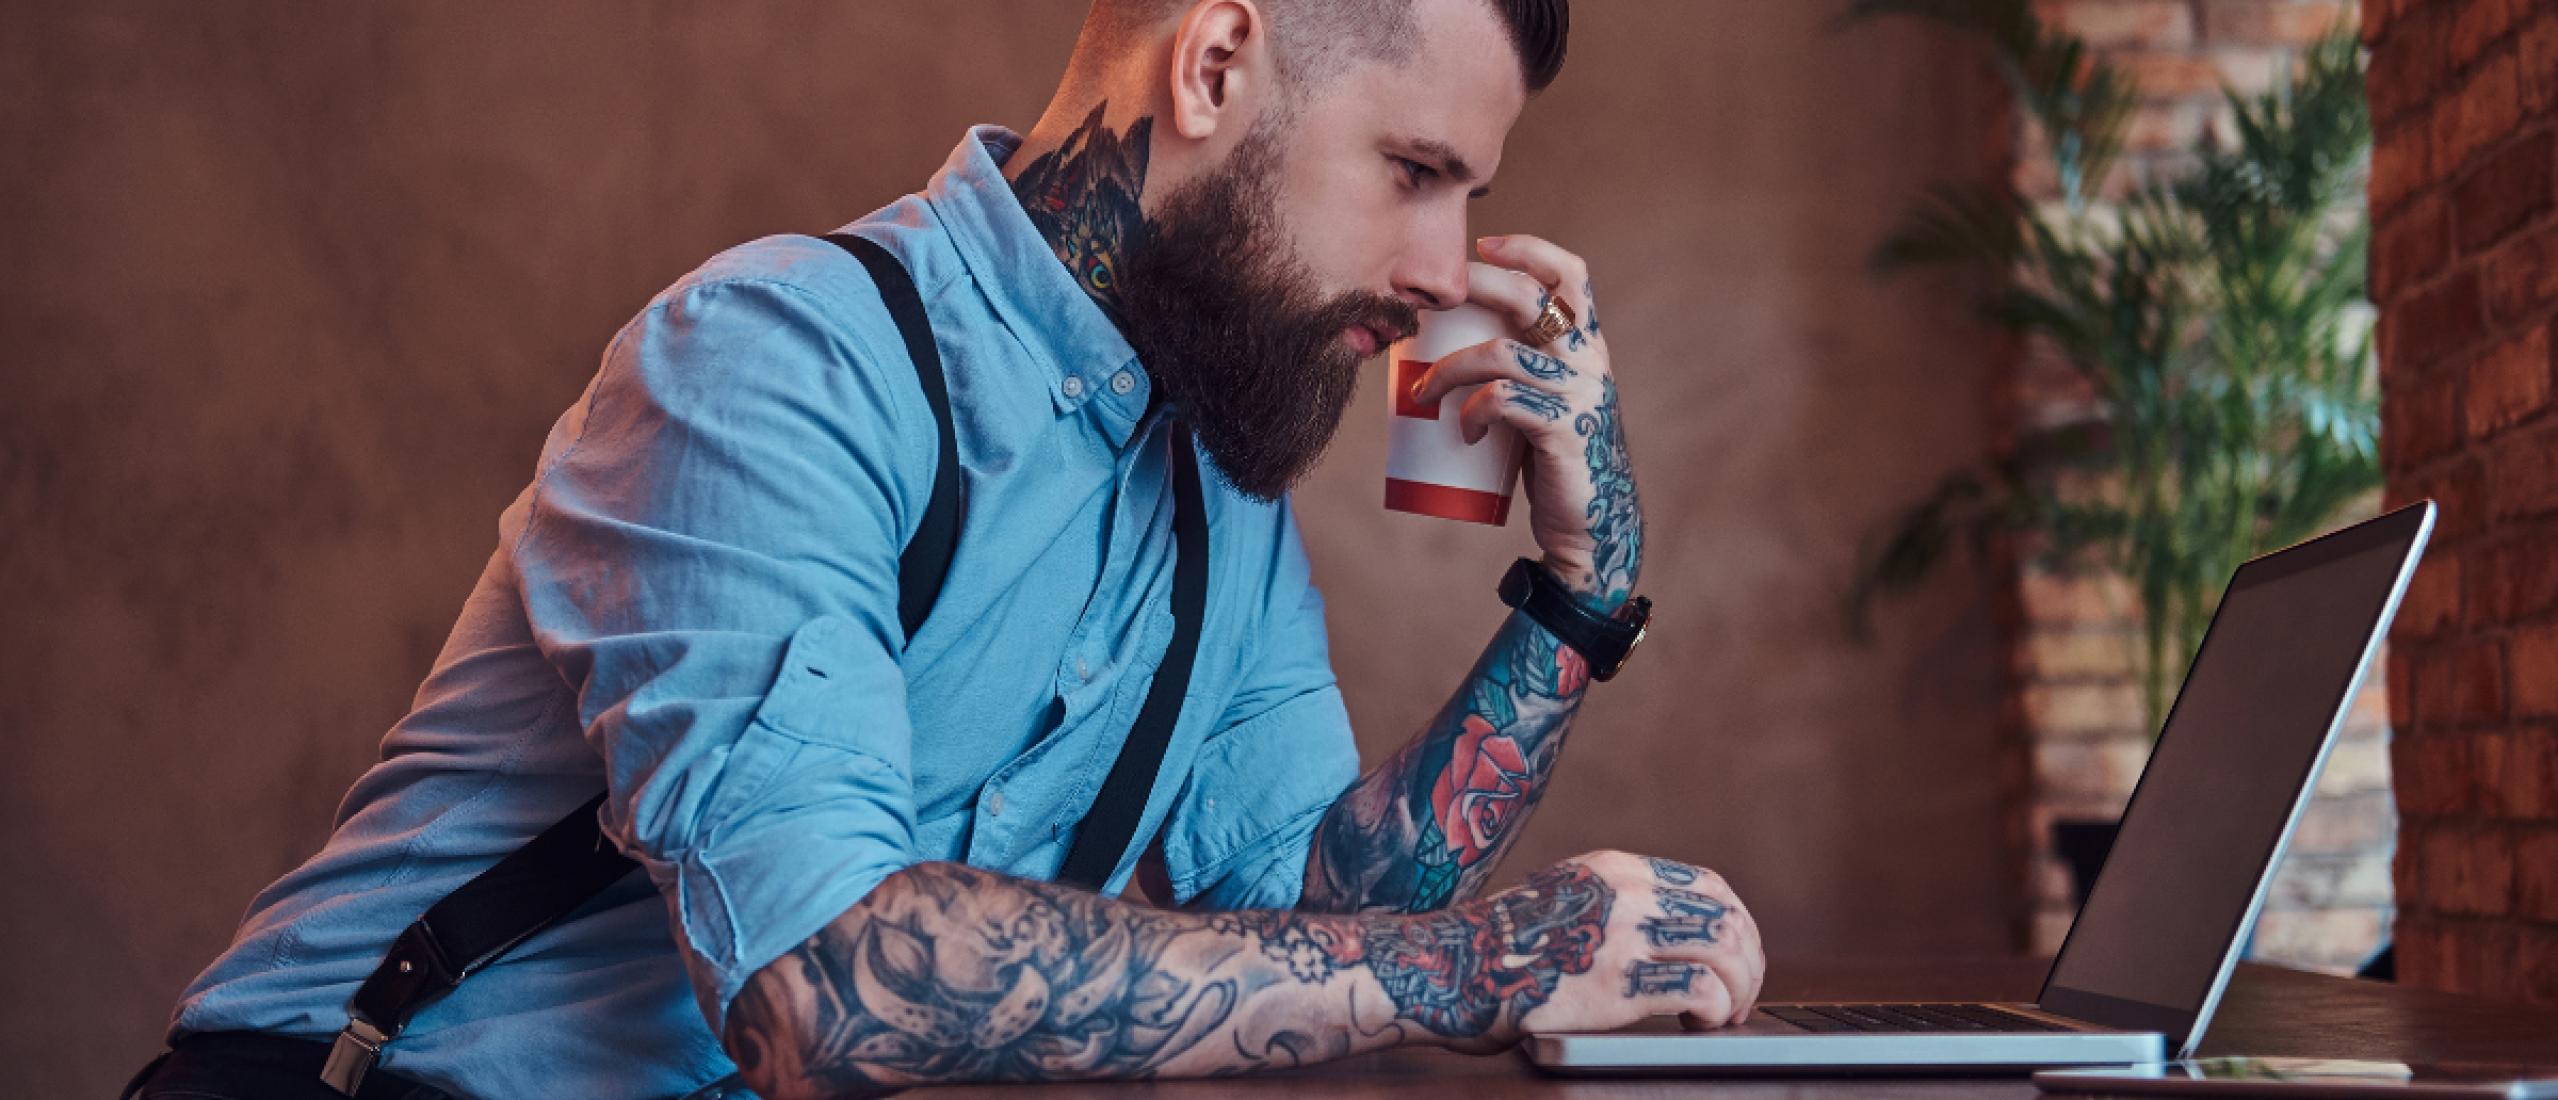 Online adverteren voor tattooshops